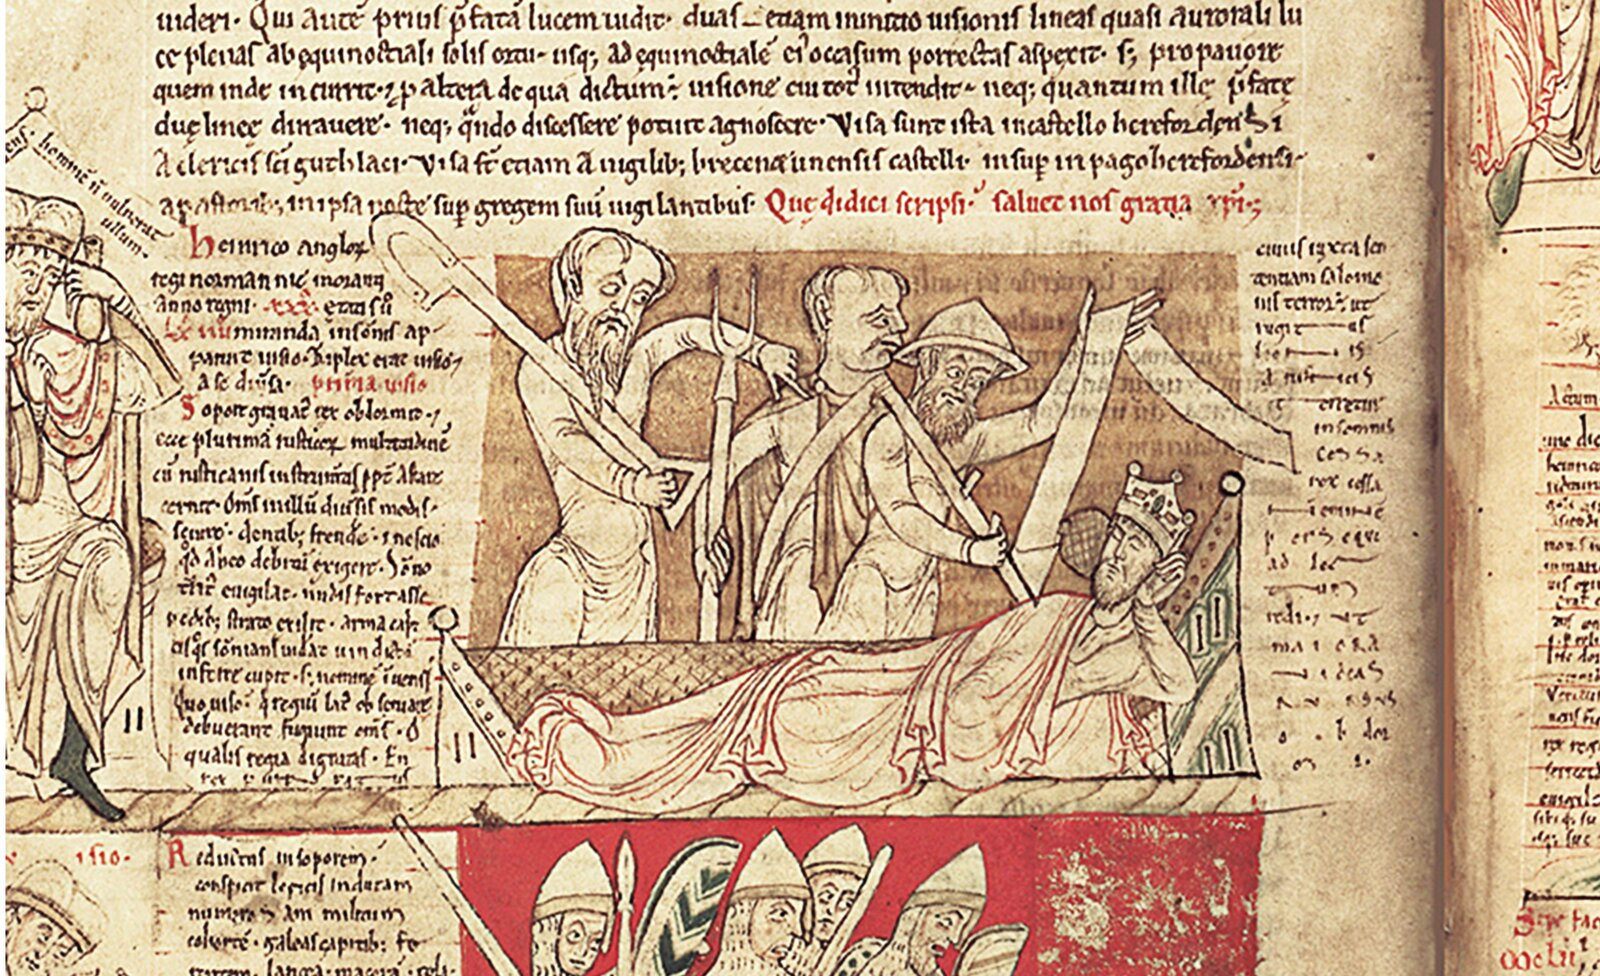 Miniatura przedstawiająca króla angielskiego Henryka II Miniatura przedstawiająca króla angielskiego Henryka II